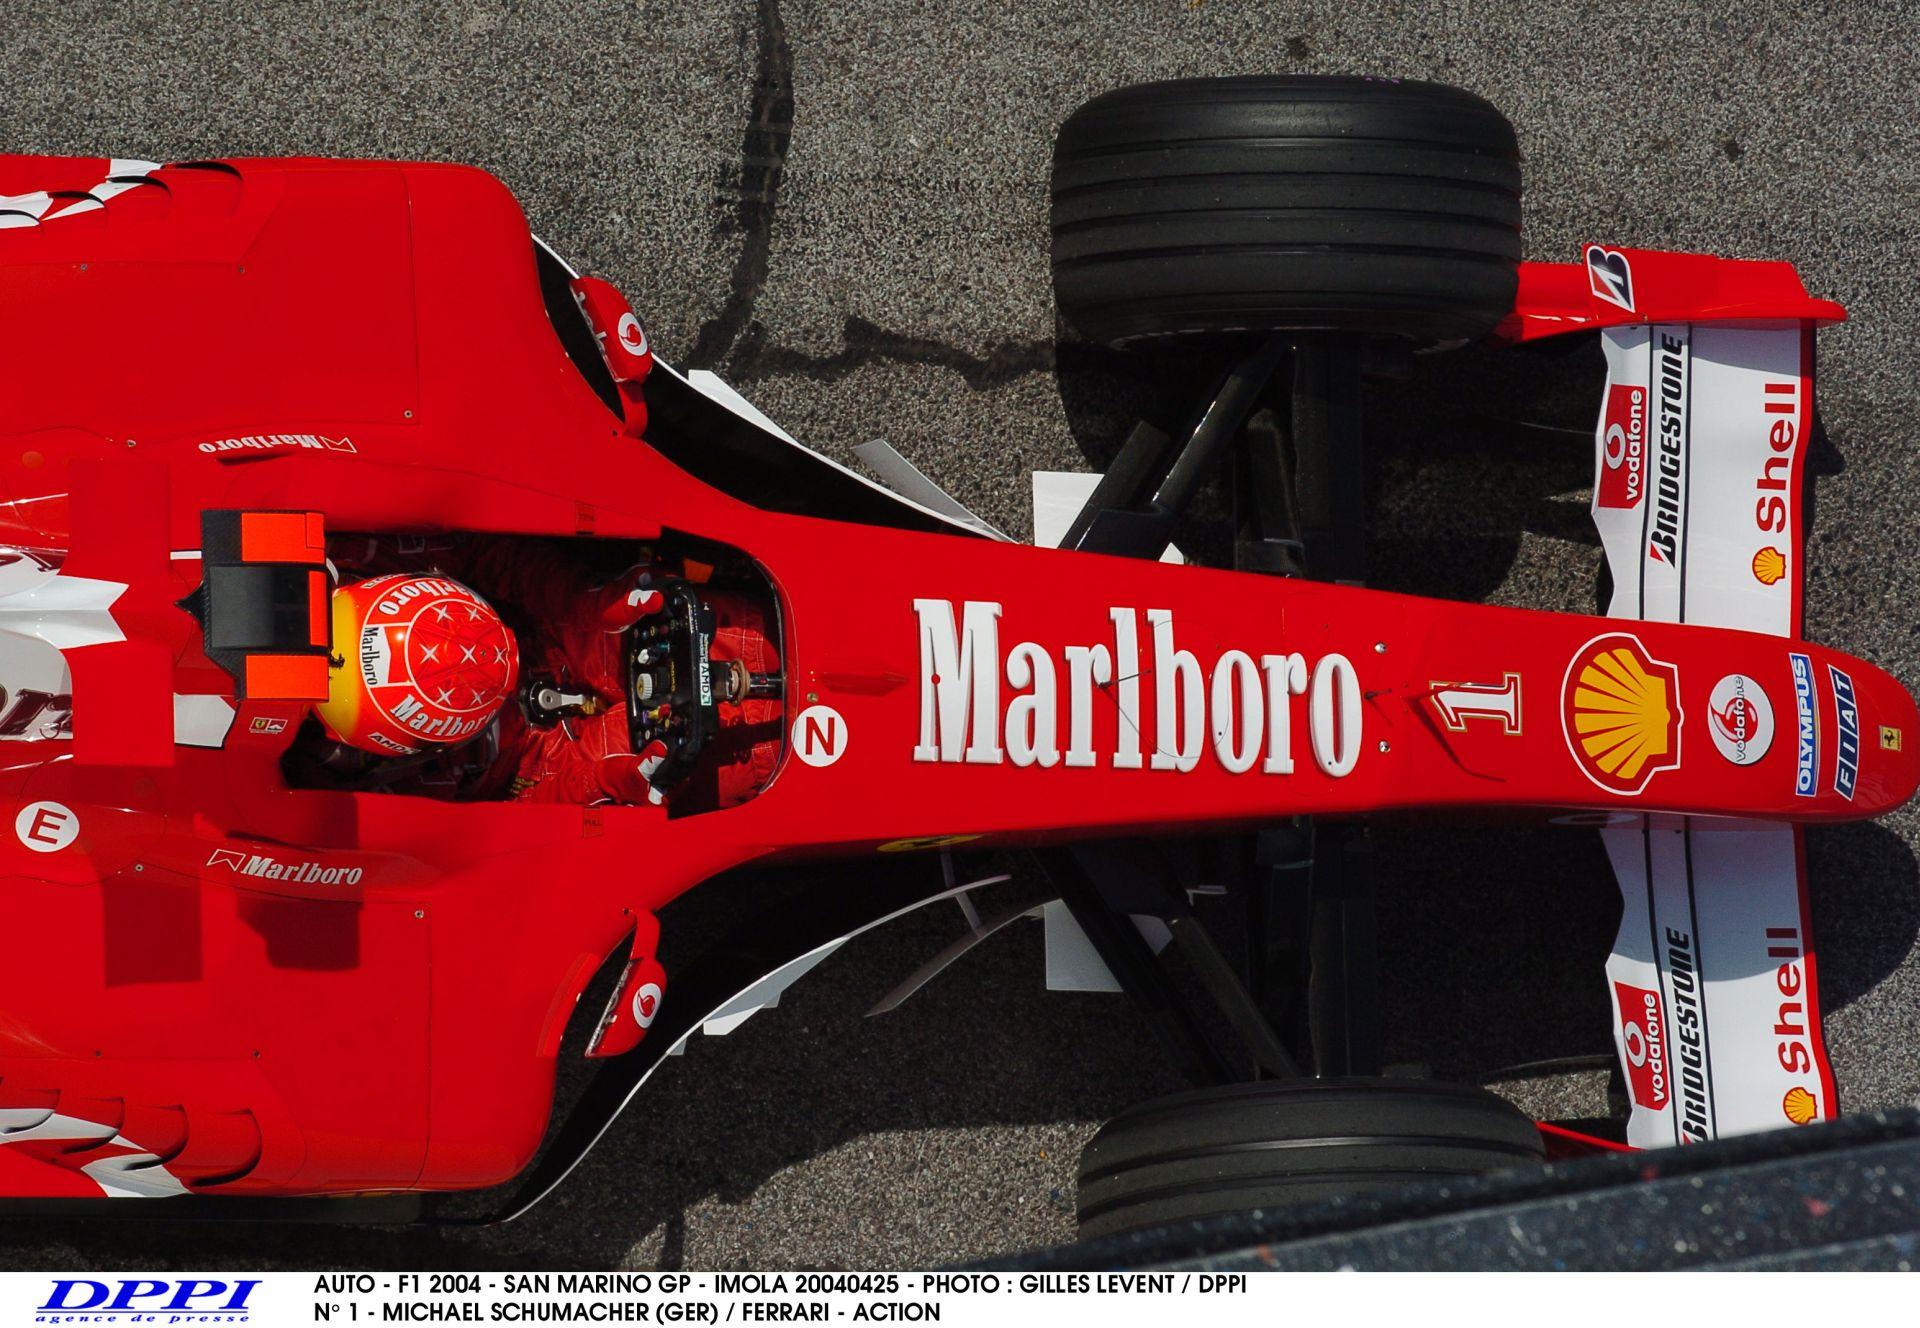 Elképesztő csata a start után: Schumacher szépen helyrerakta Montoyát